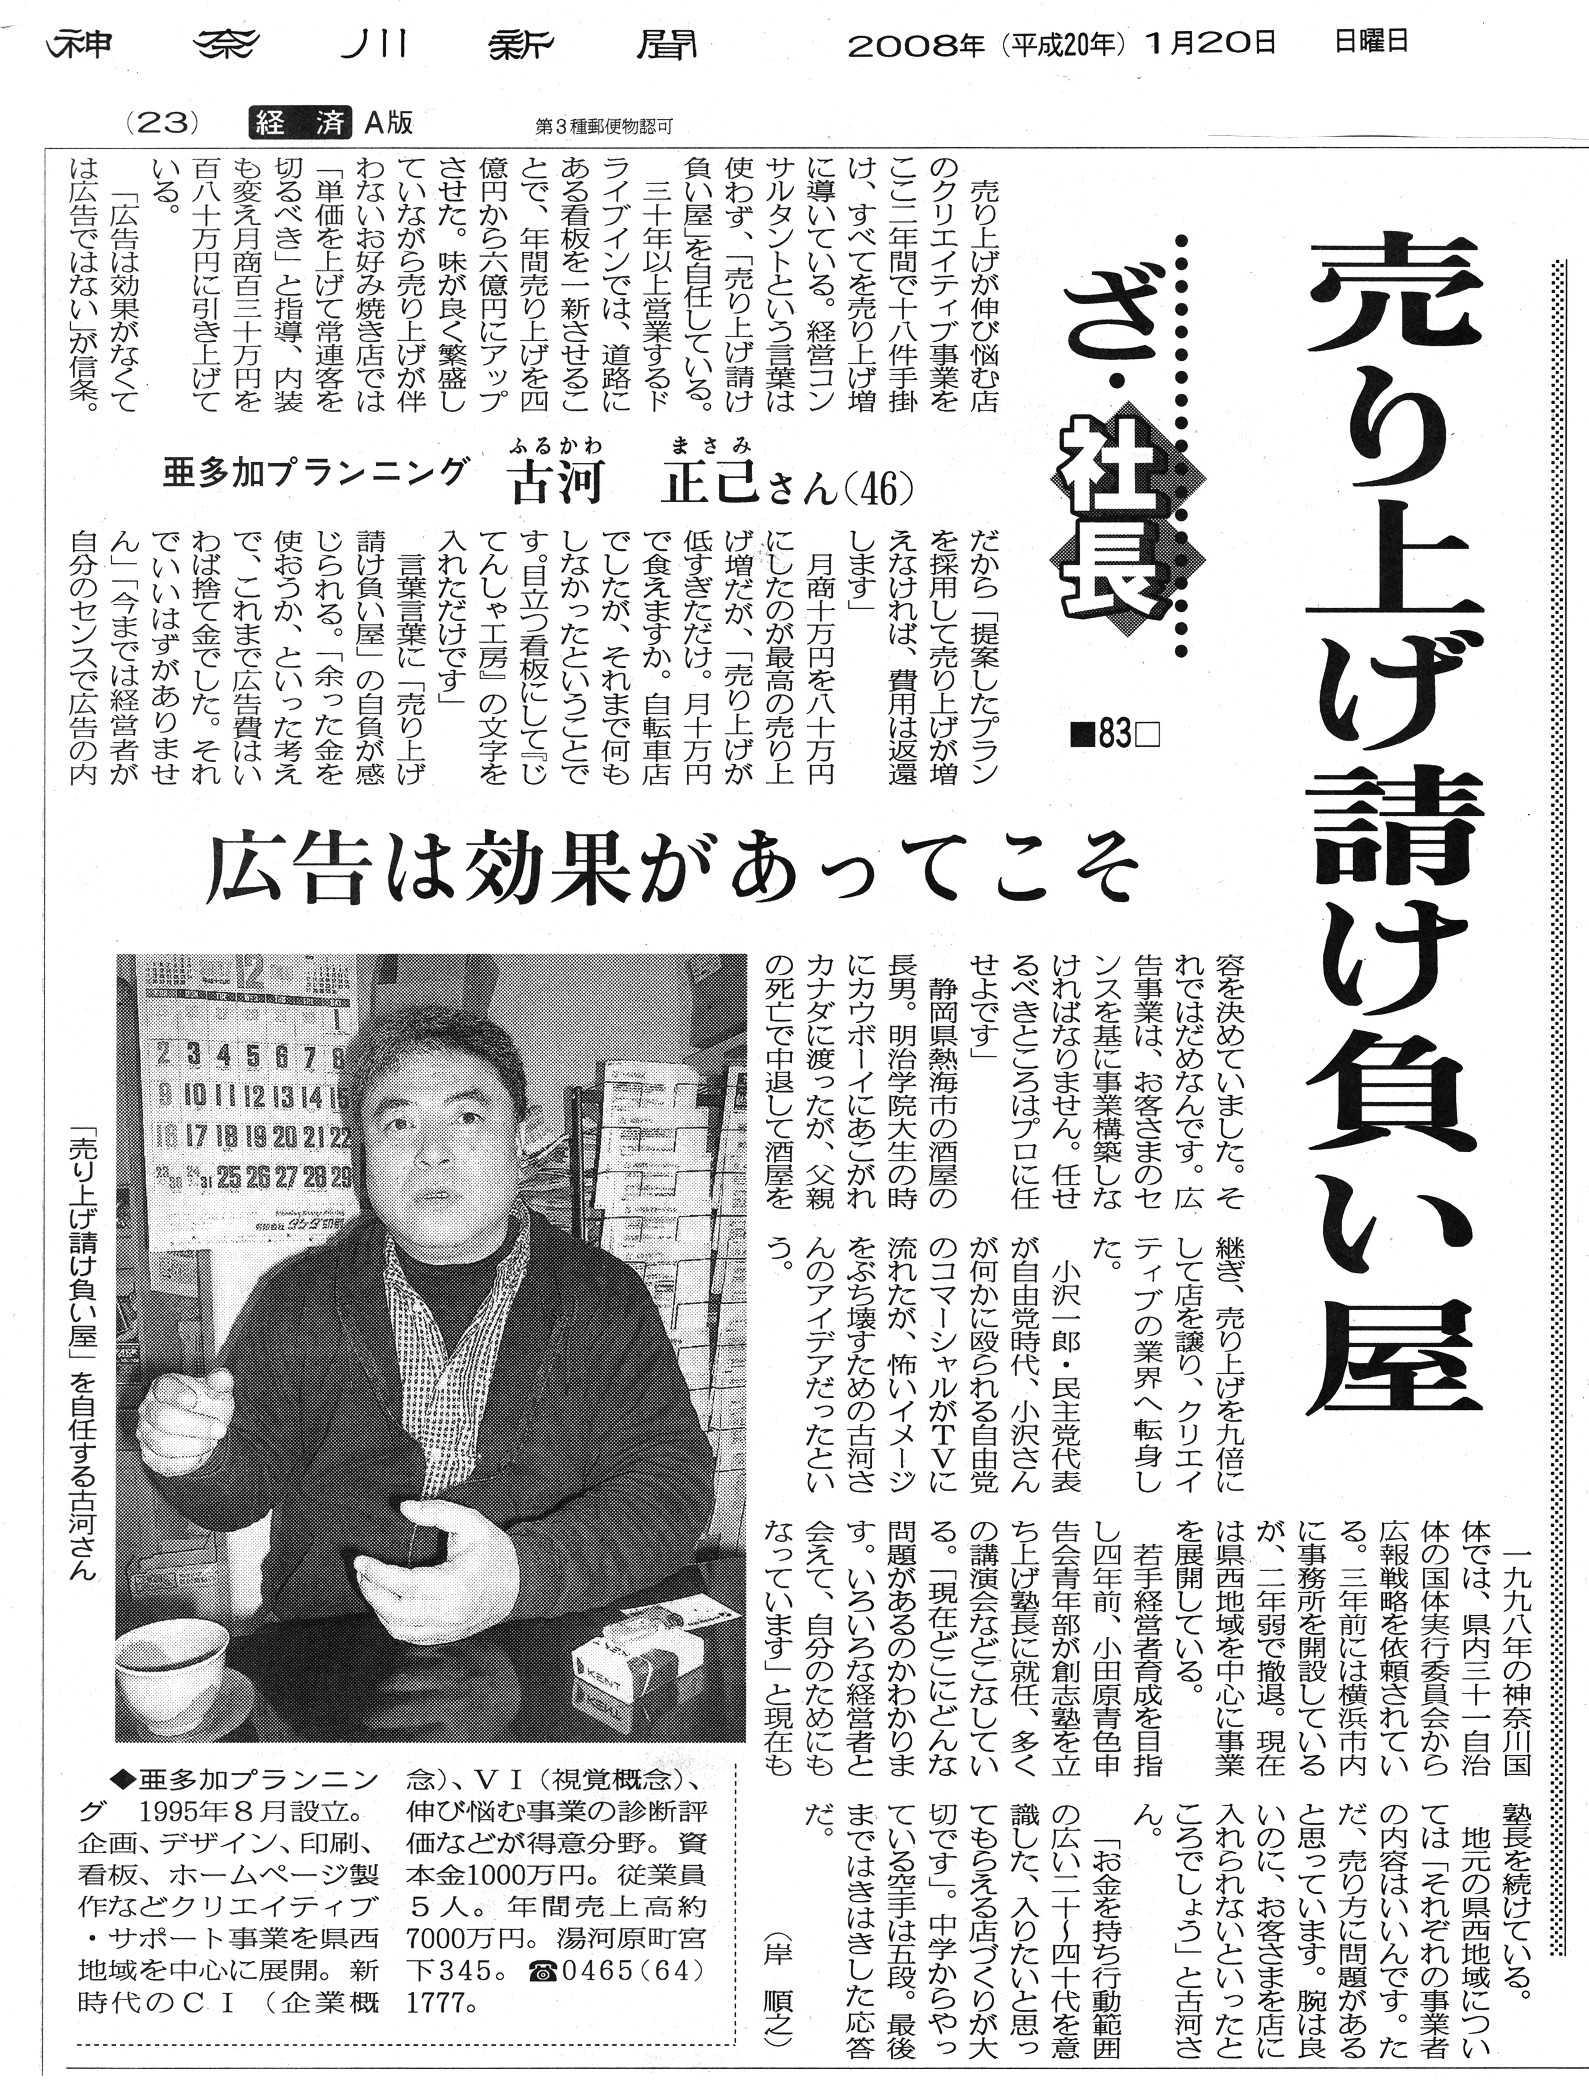 神奈川新聞「ザ・社長」